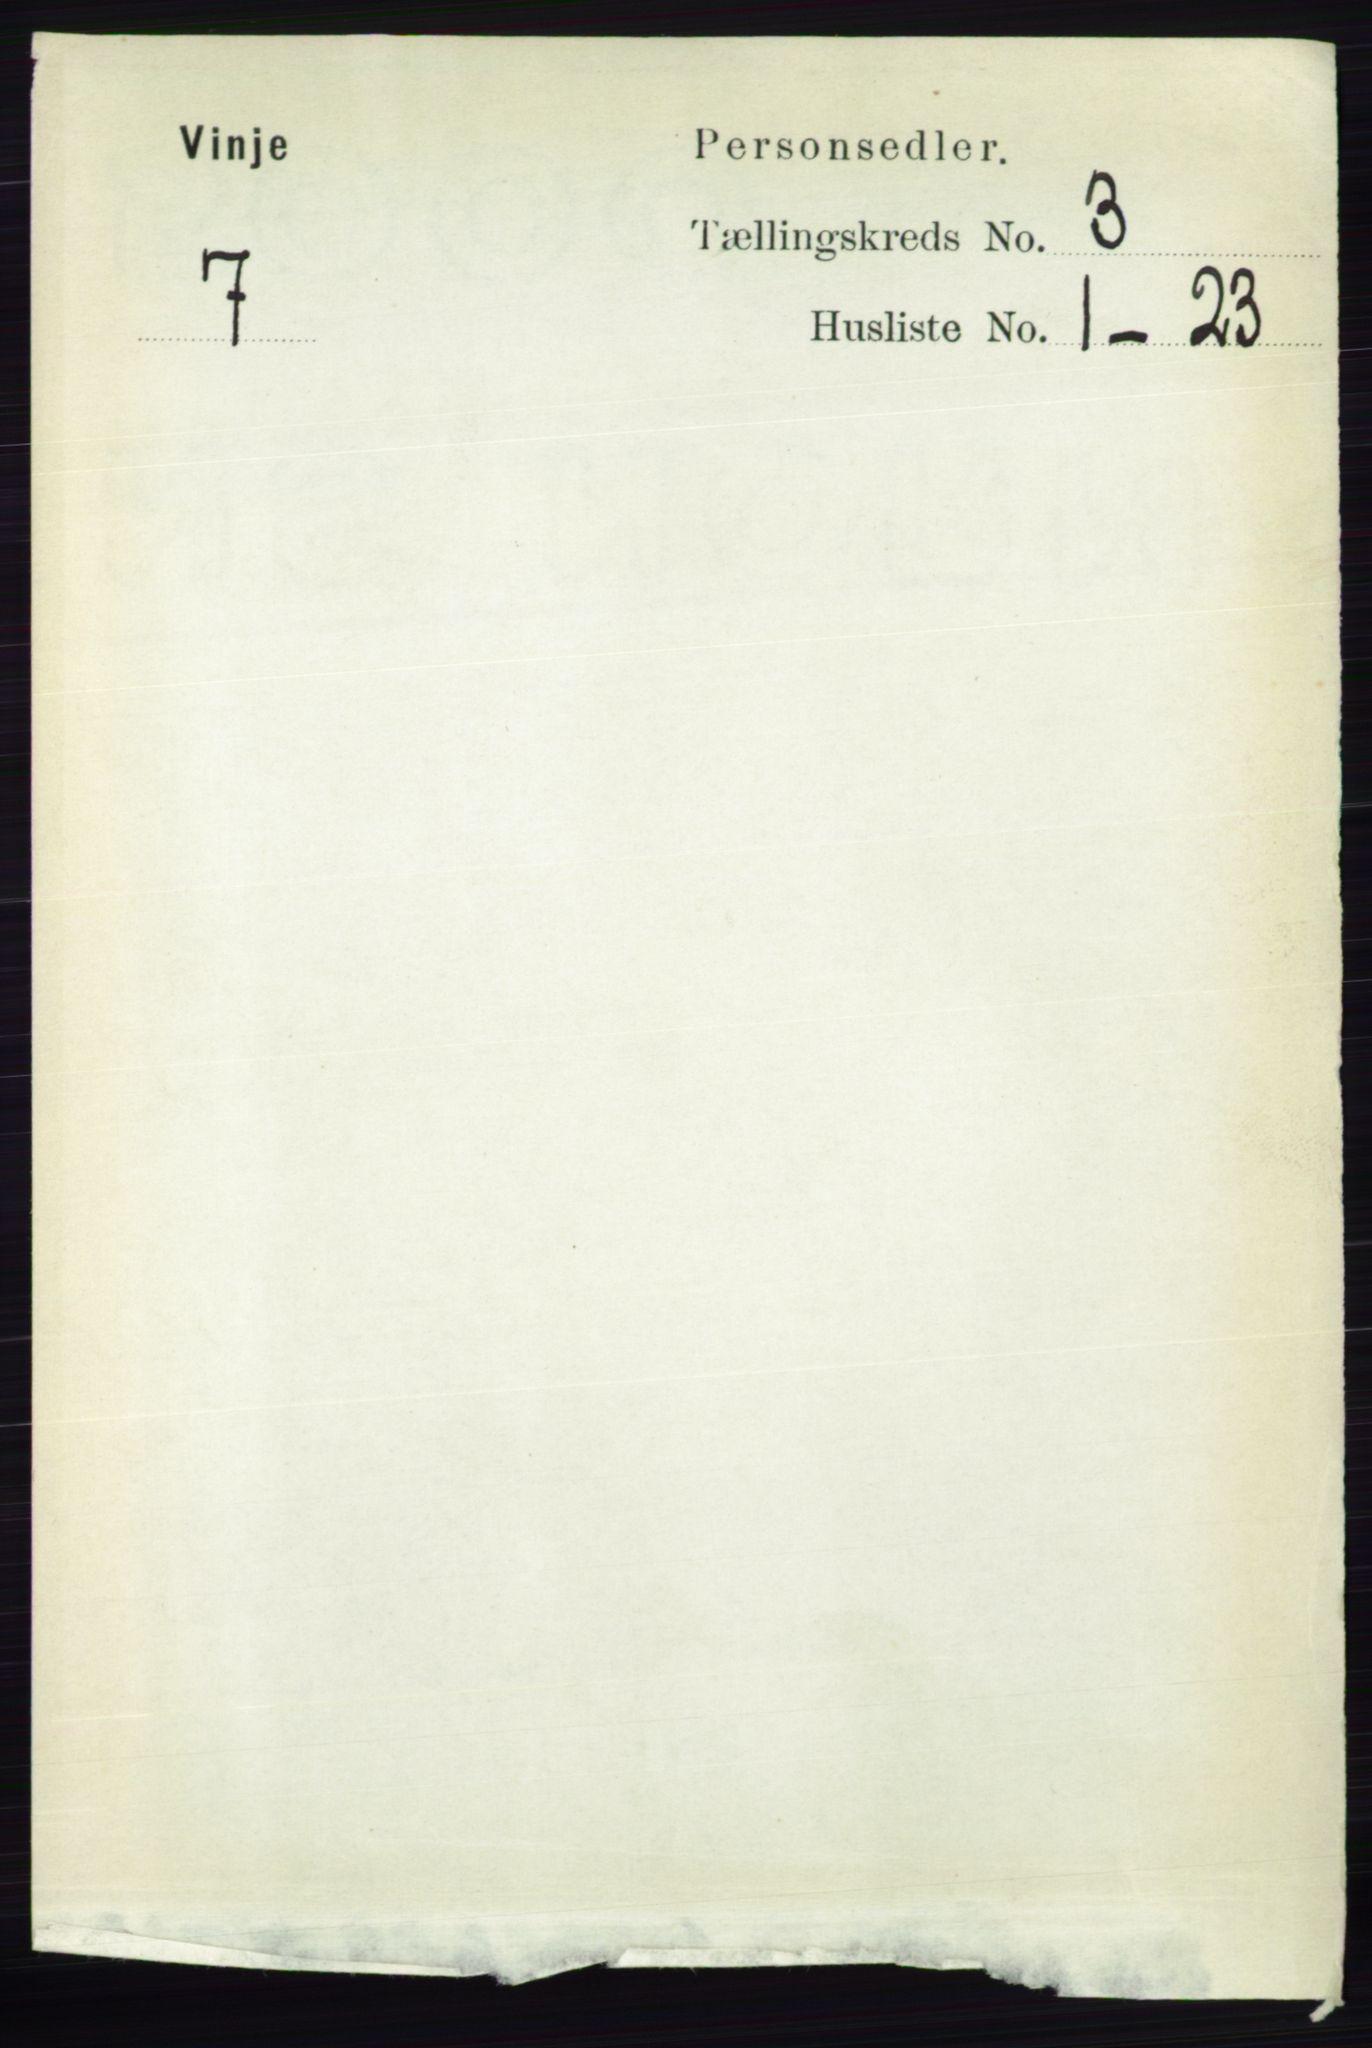 RA, Folketelling 1891 for 0834 Vinje herred, 1891, s. 643